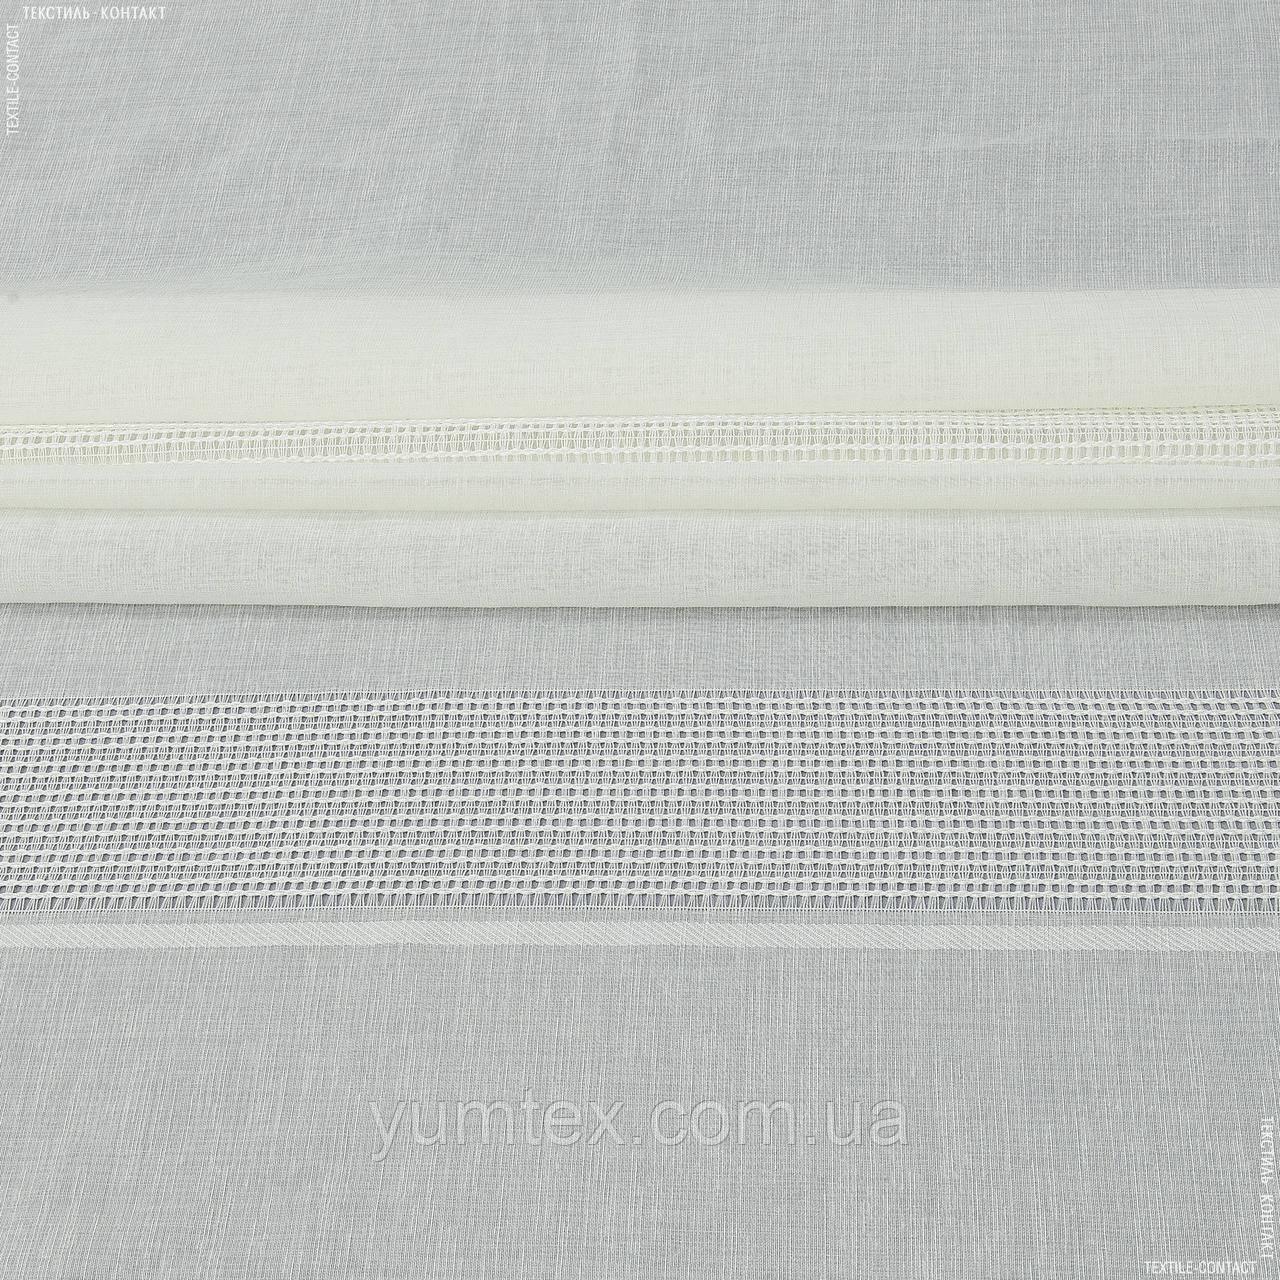 Тюль  с утяжелителем  кисея полоса-мережка  молочный 143201